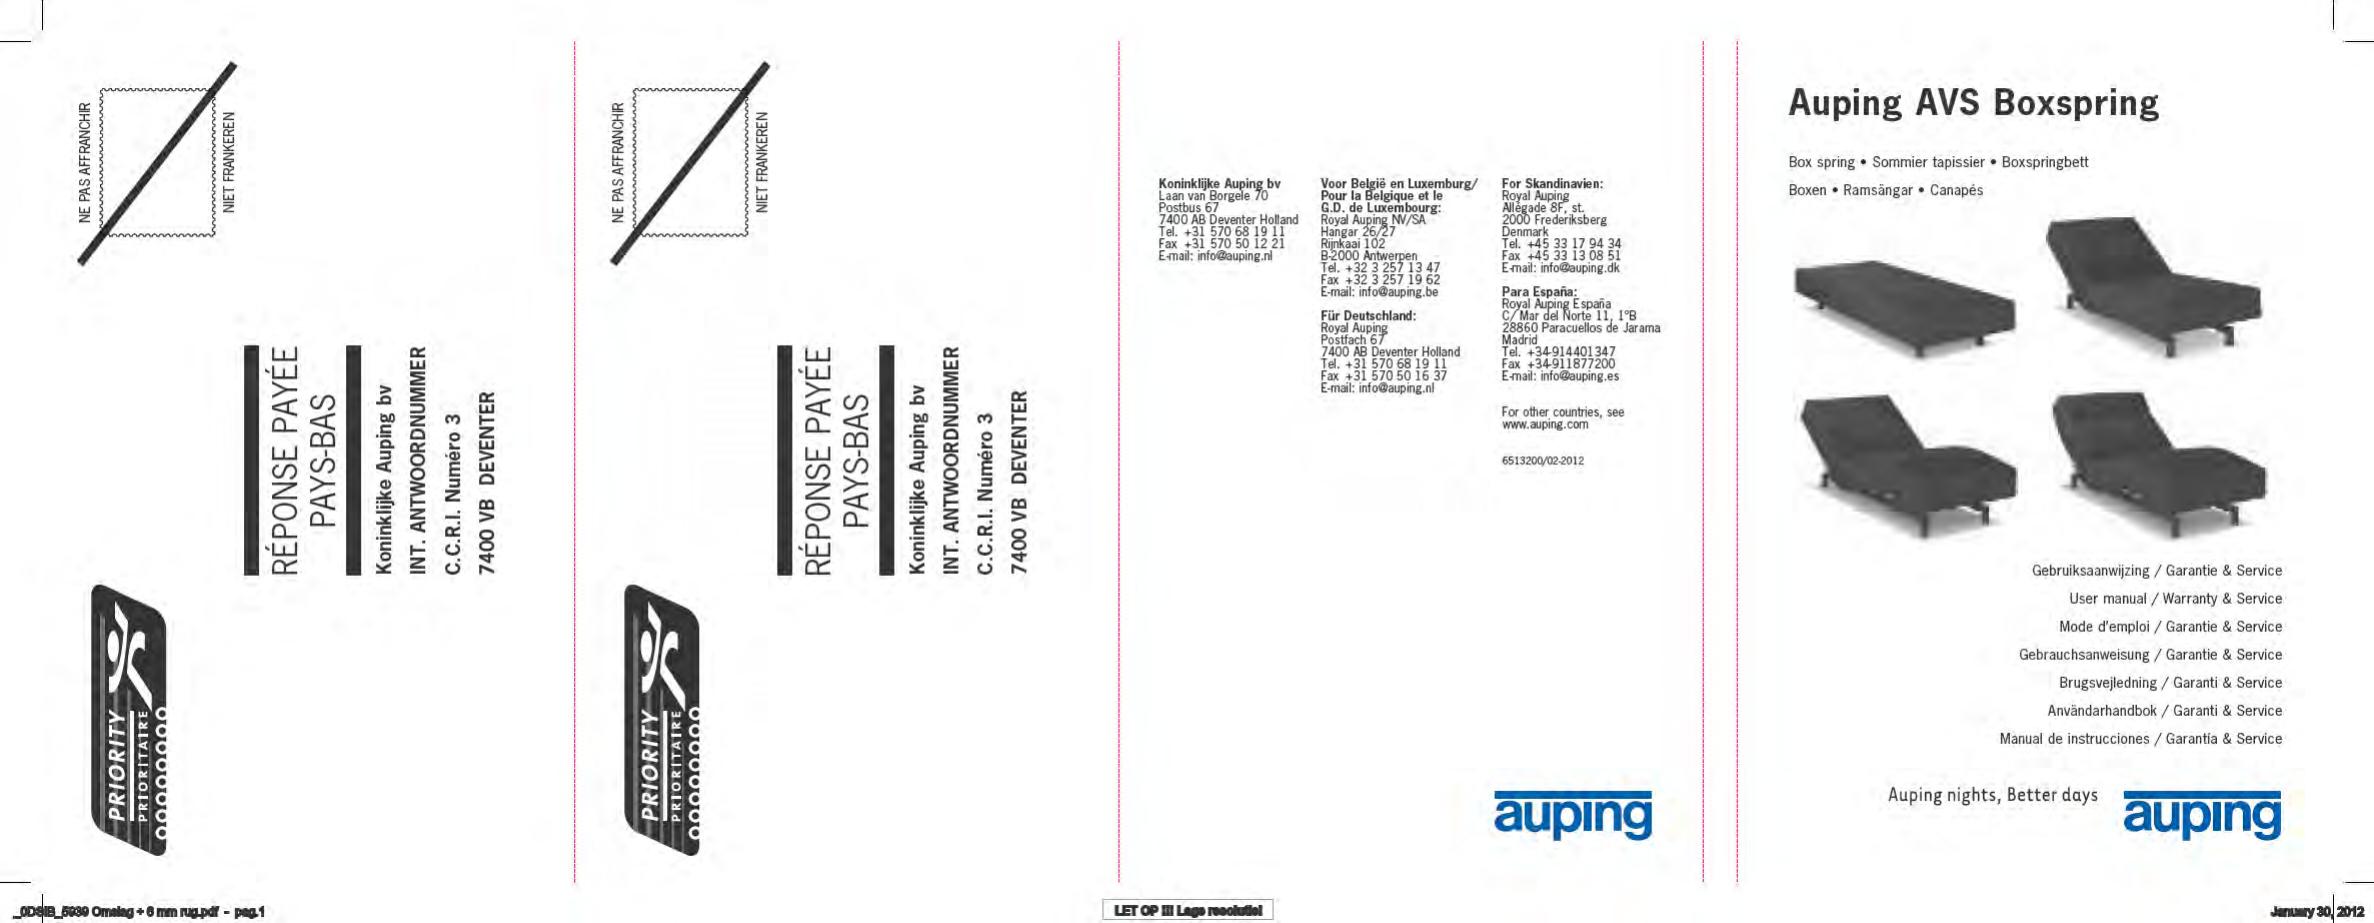 Auping Boxspring Boxton.Handleiding Auping Avs Boxspring Boxton Pagina 1 Van 102 Dansk